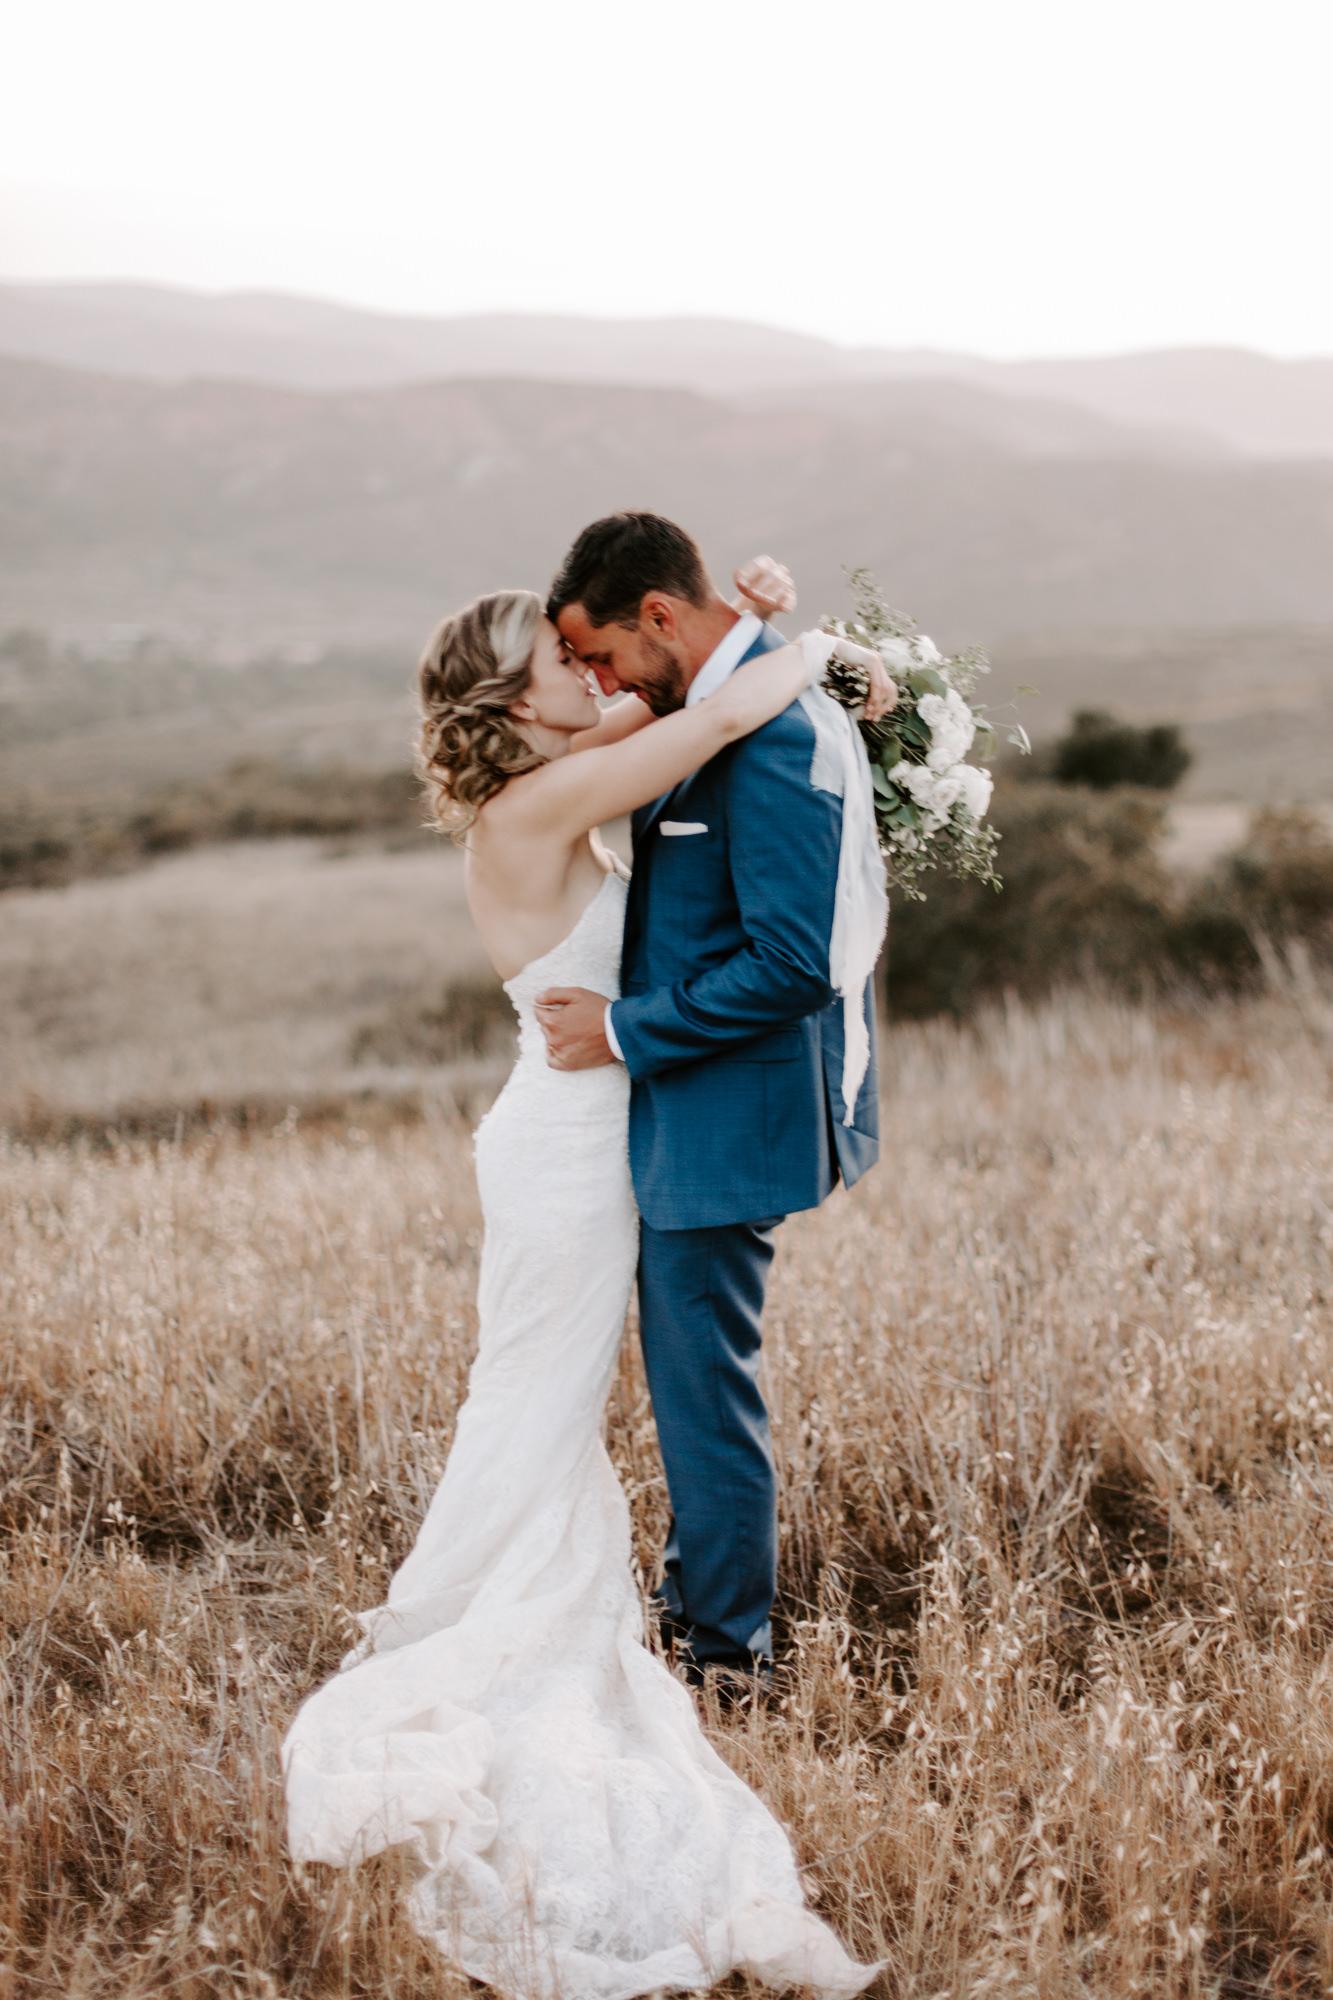 San Diego Wedding photography in Silverado Backyard Wedding065.jpg